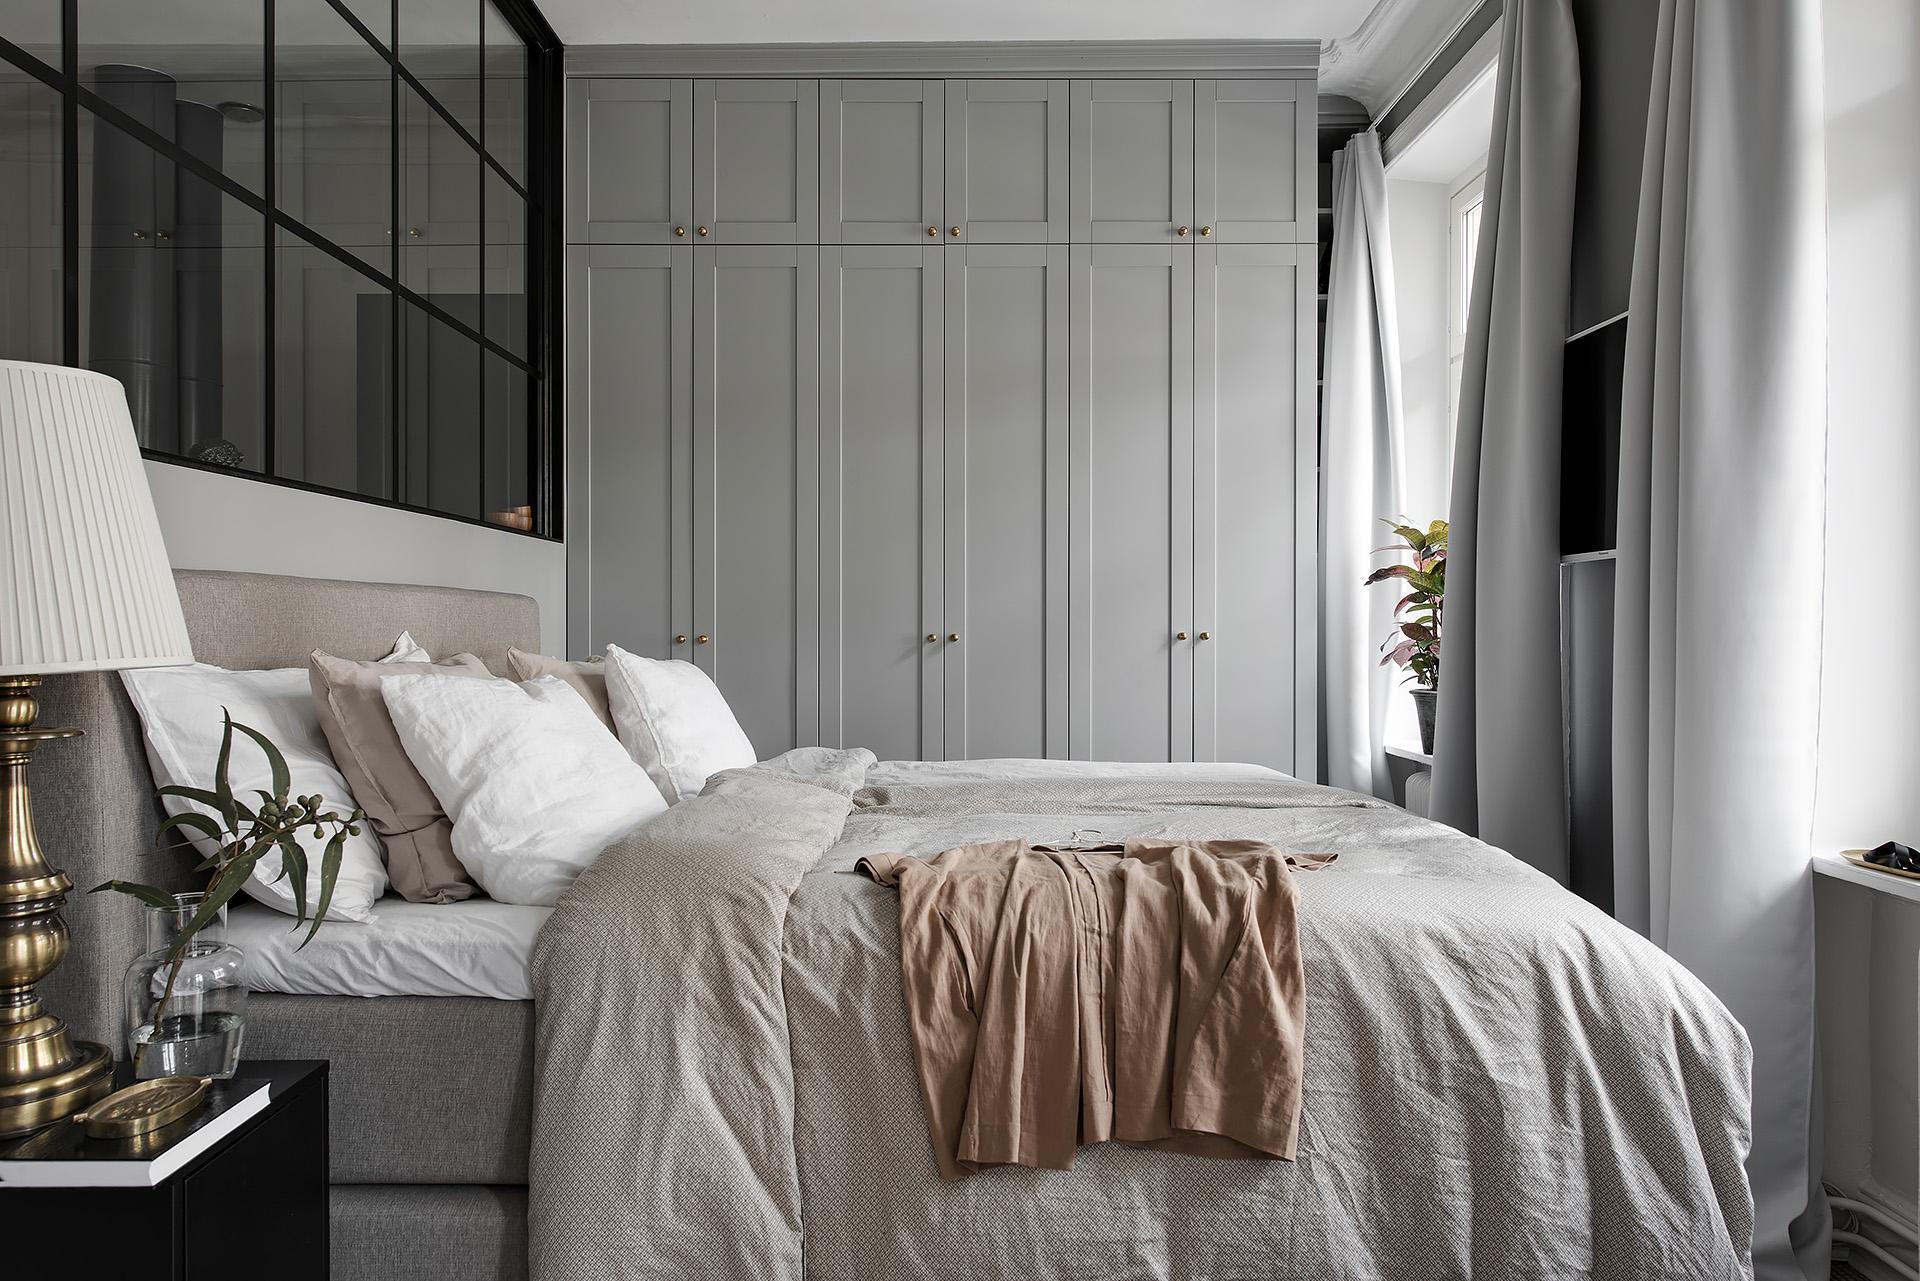 спальня кровать изголовье текстиль подушки прикроватные тумбы лампы окно шкаф телевизор